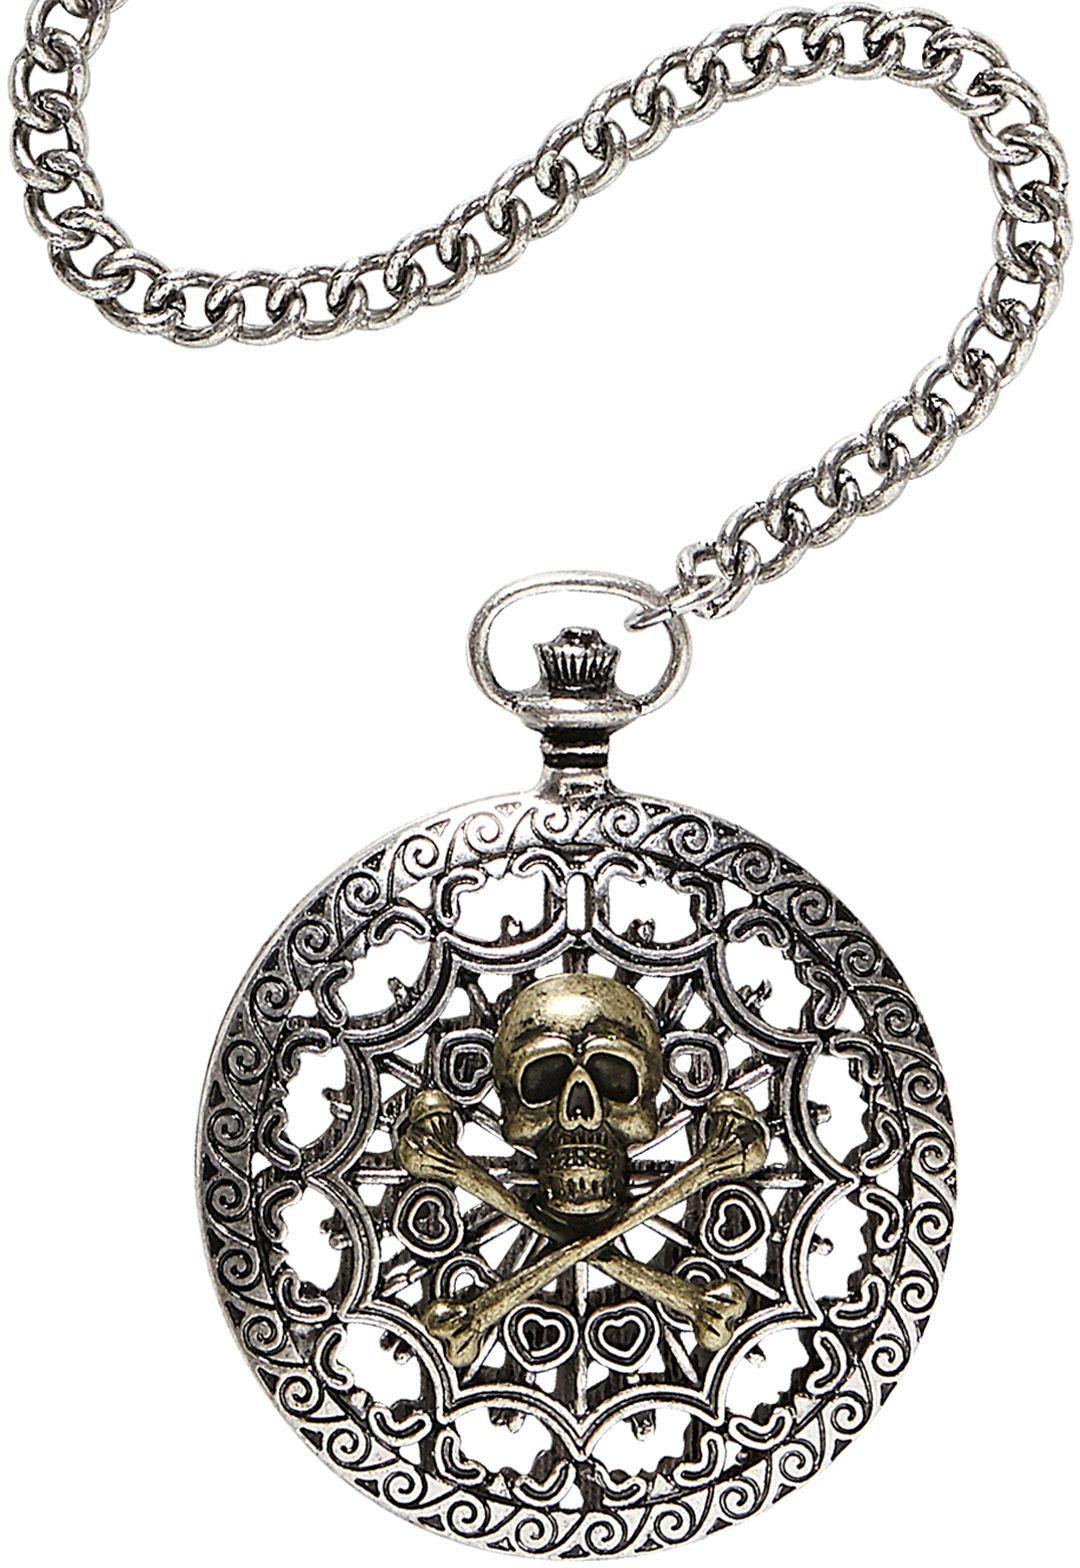 Zilveren piraten zakhorloge